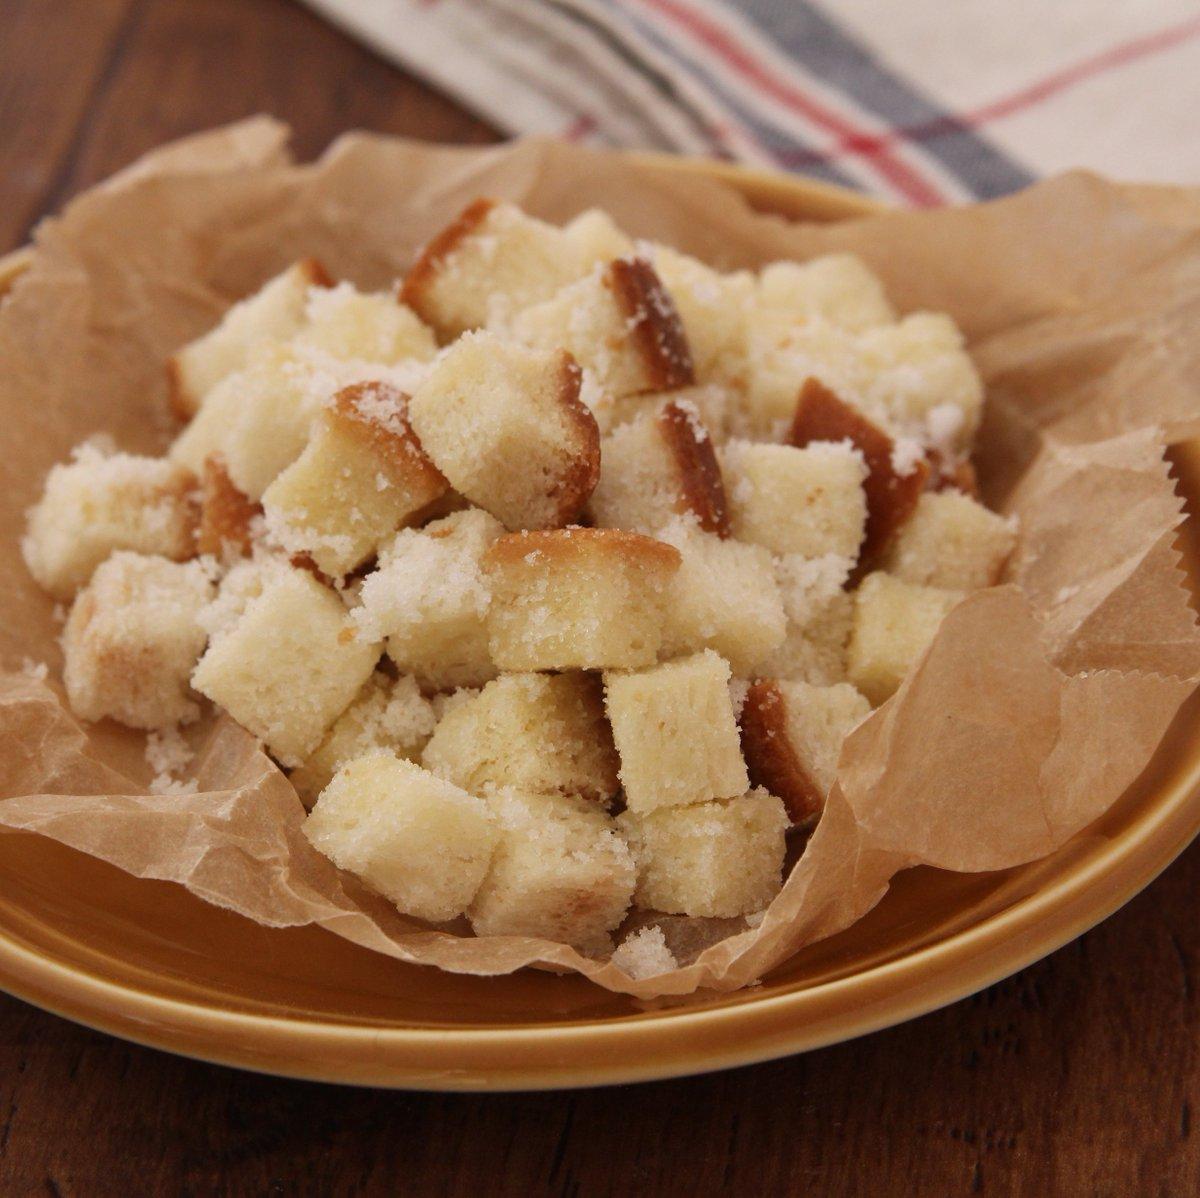 6枚切り食パン1枚を1cm角に切り600W1分半チンし、バター20g絡め更に30秒チンし混ぜたら、カリカリになるまで「30秒加熱→混ぜる」を繰り返し砂糖大1を絡める